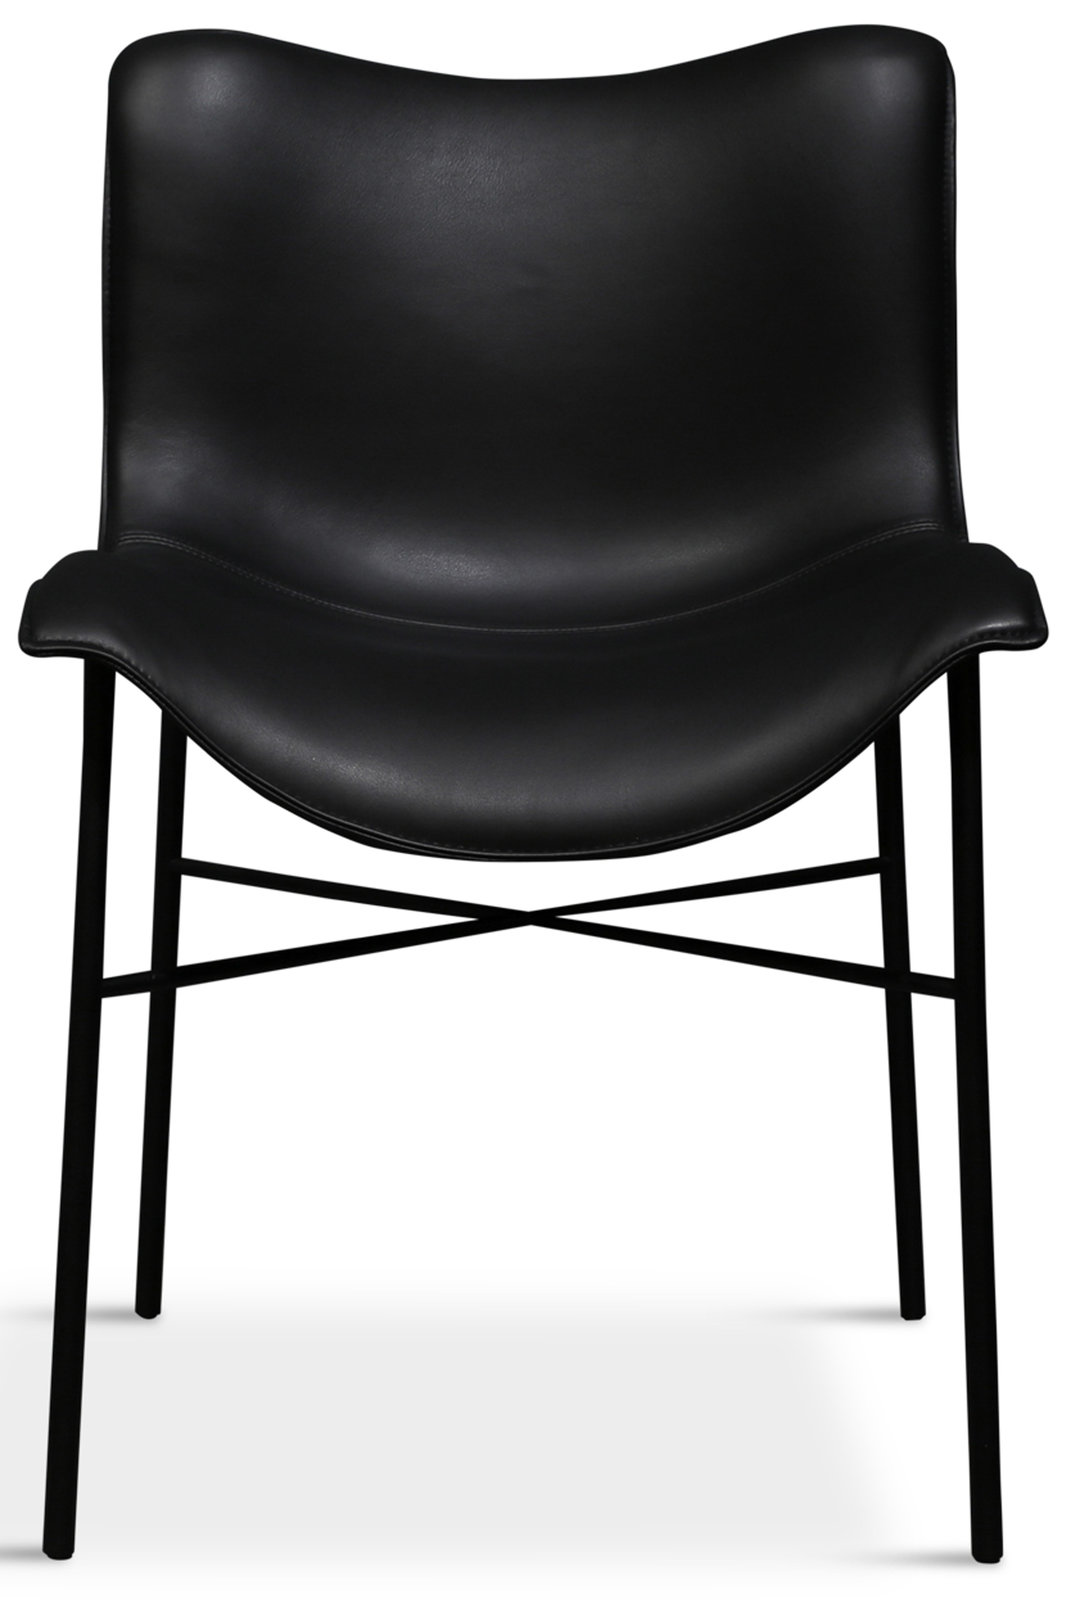 手绘立体椅子 壁纸